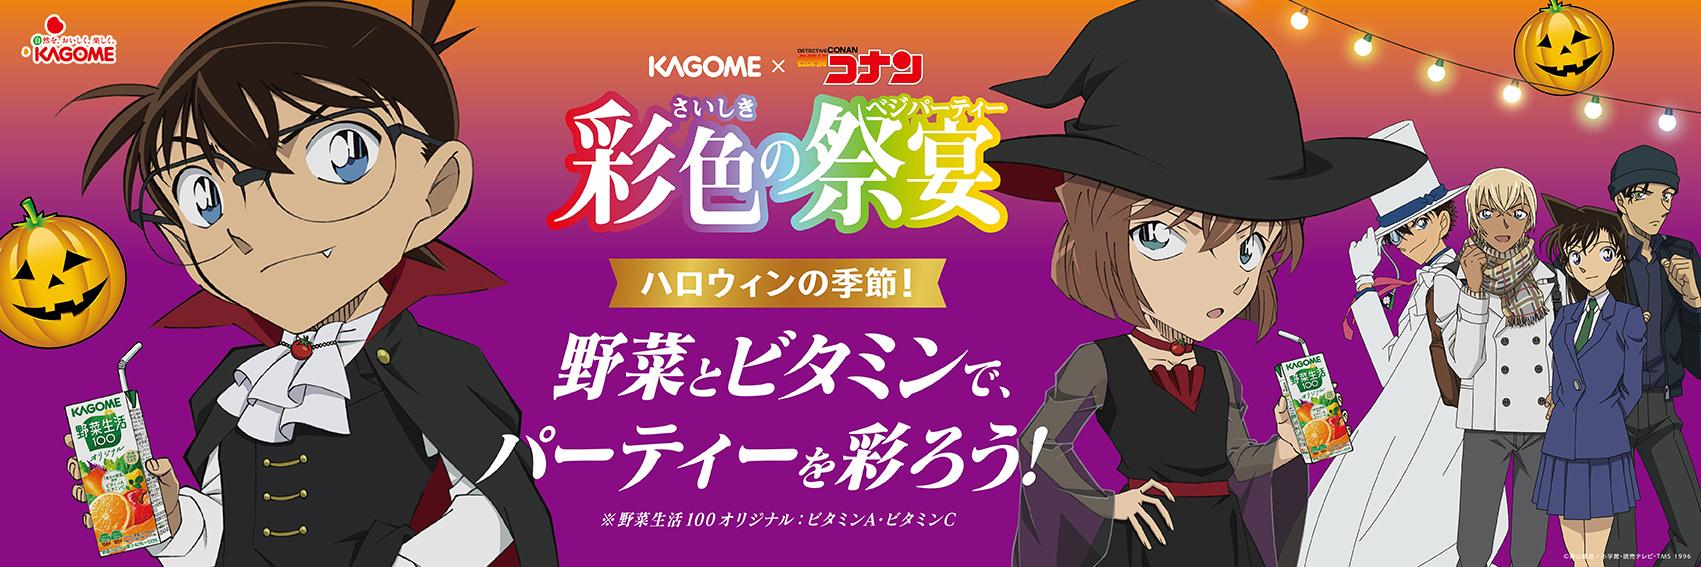 カゴメ×名探偵コナン「彩色の祭宴キャンペーン」ハロウィンビジュアル